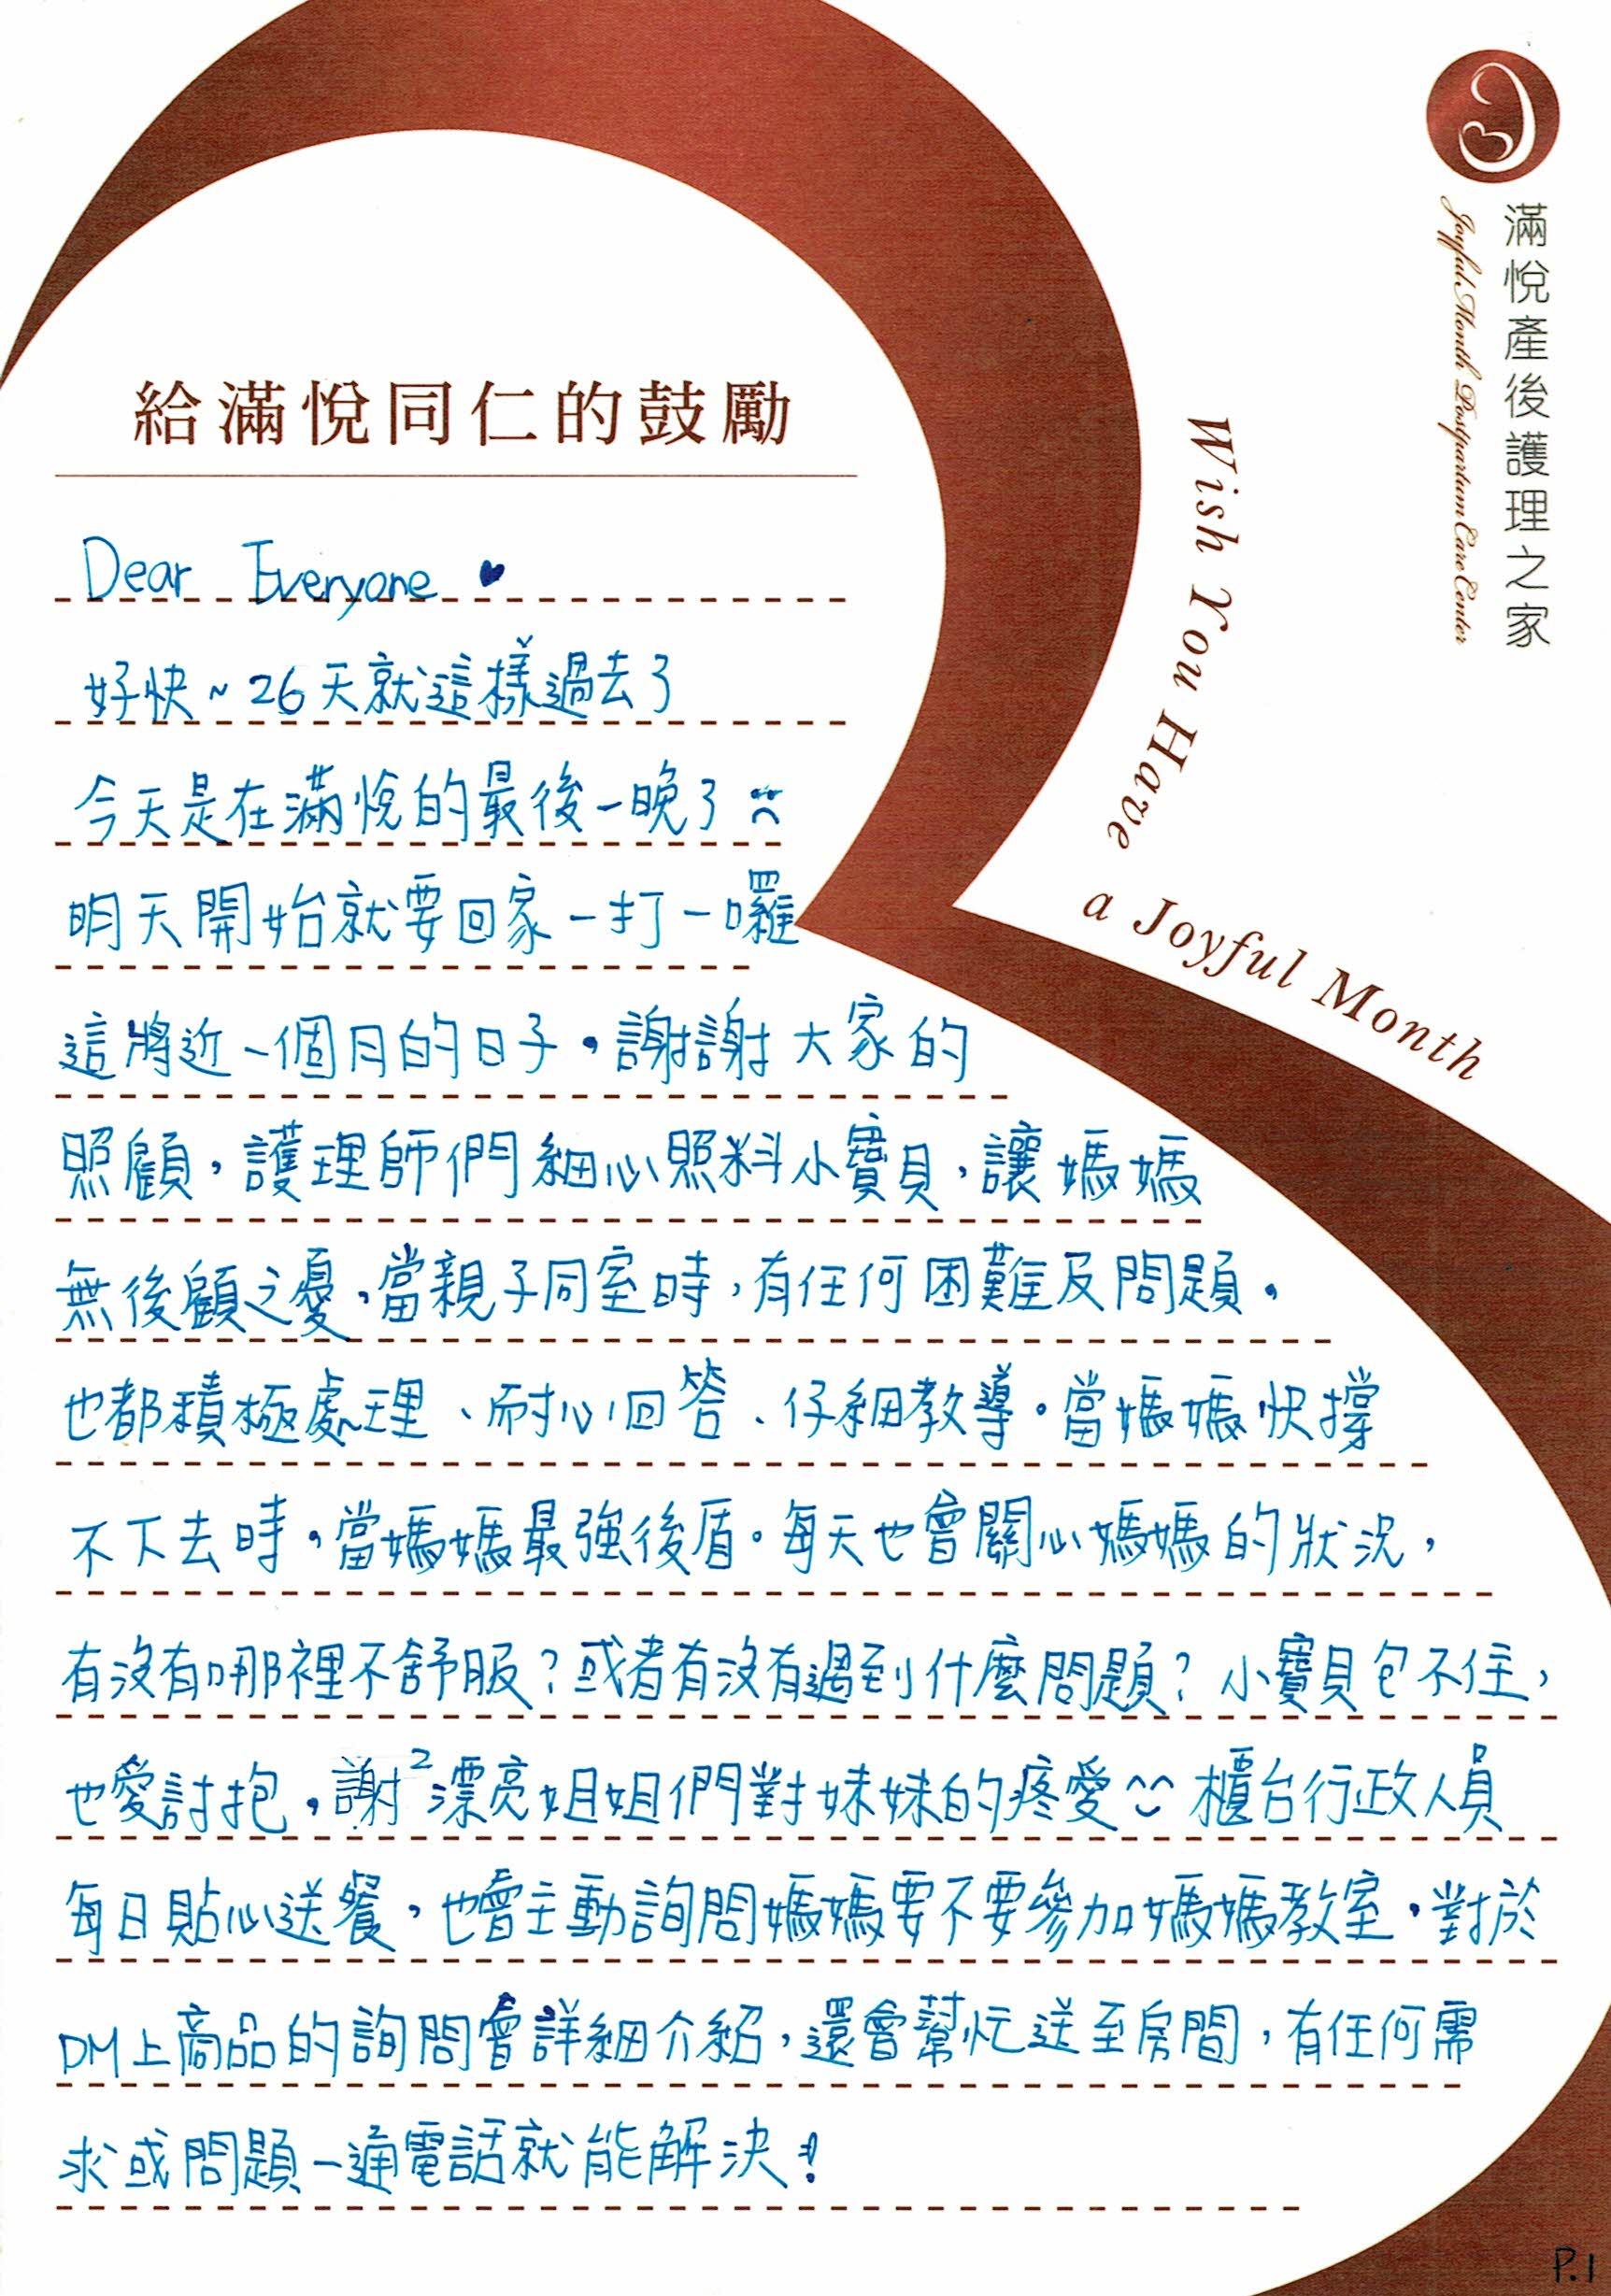 渝媽咪&家圳爸比 (1)